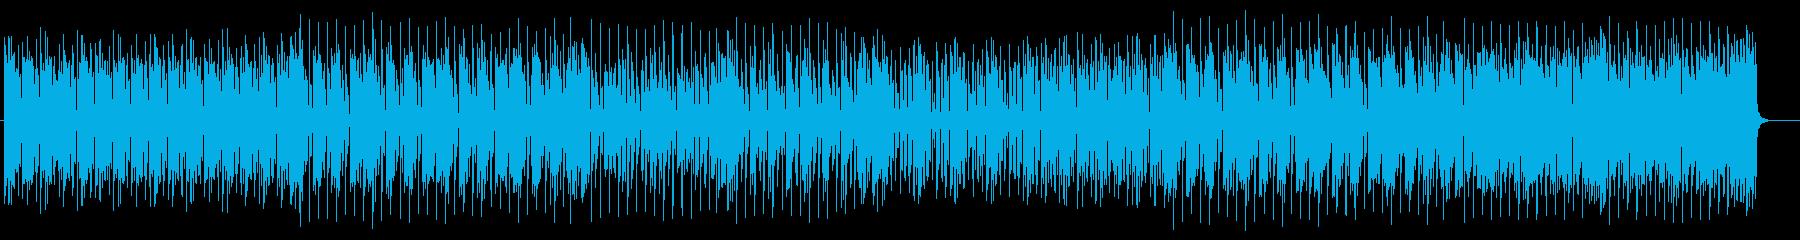 アップテンポで躍動感溢れるポップスの再生済みの波形